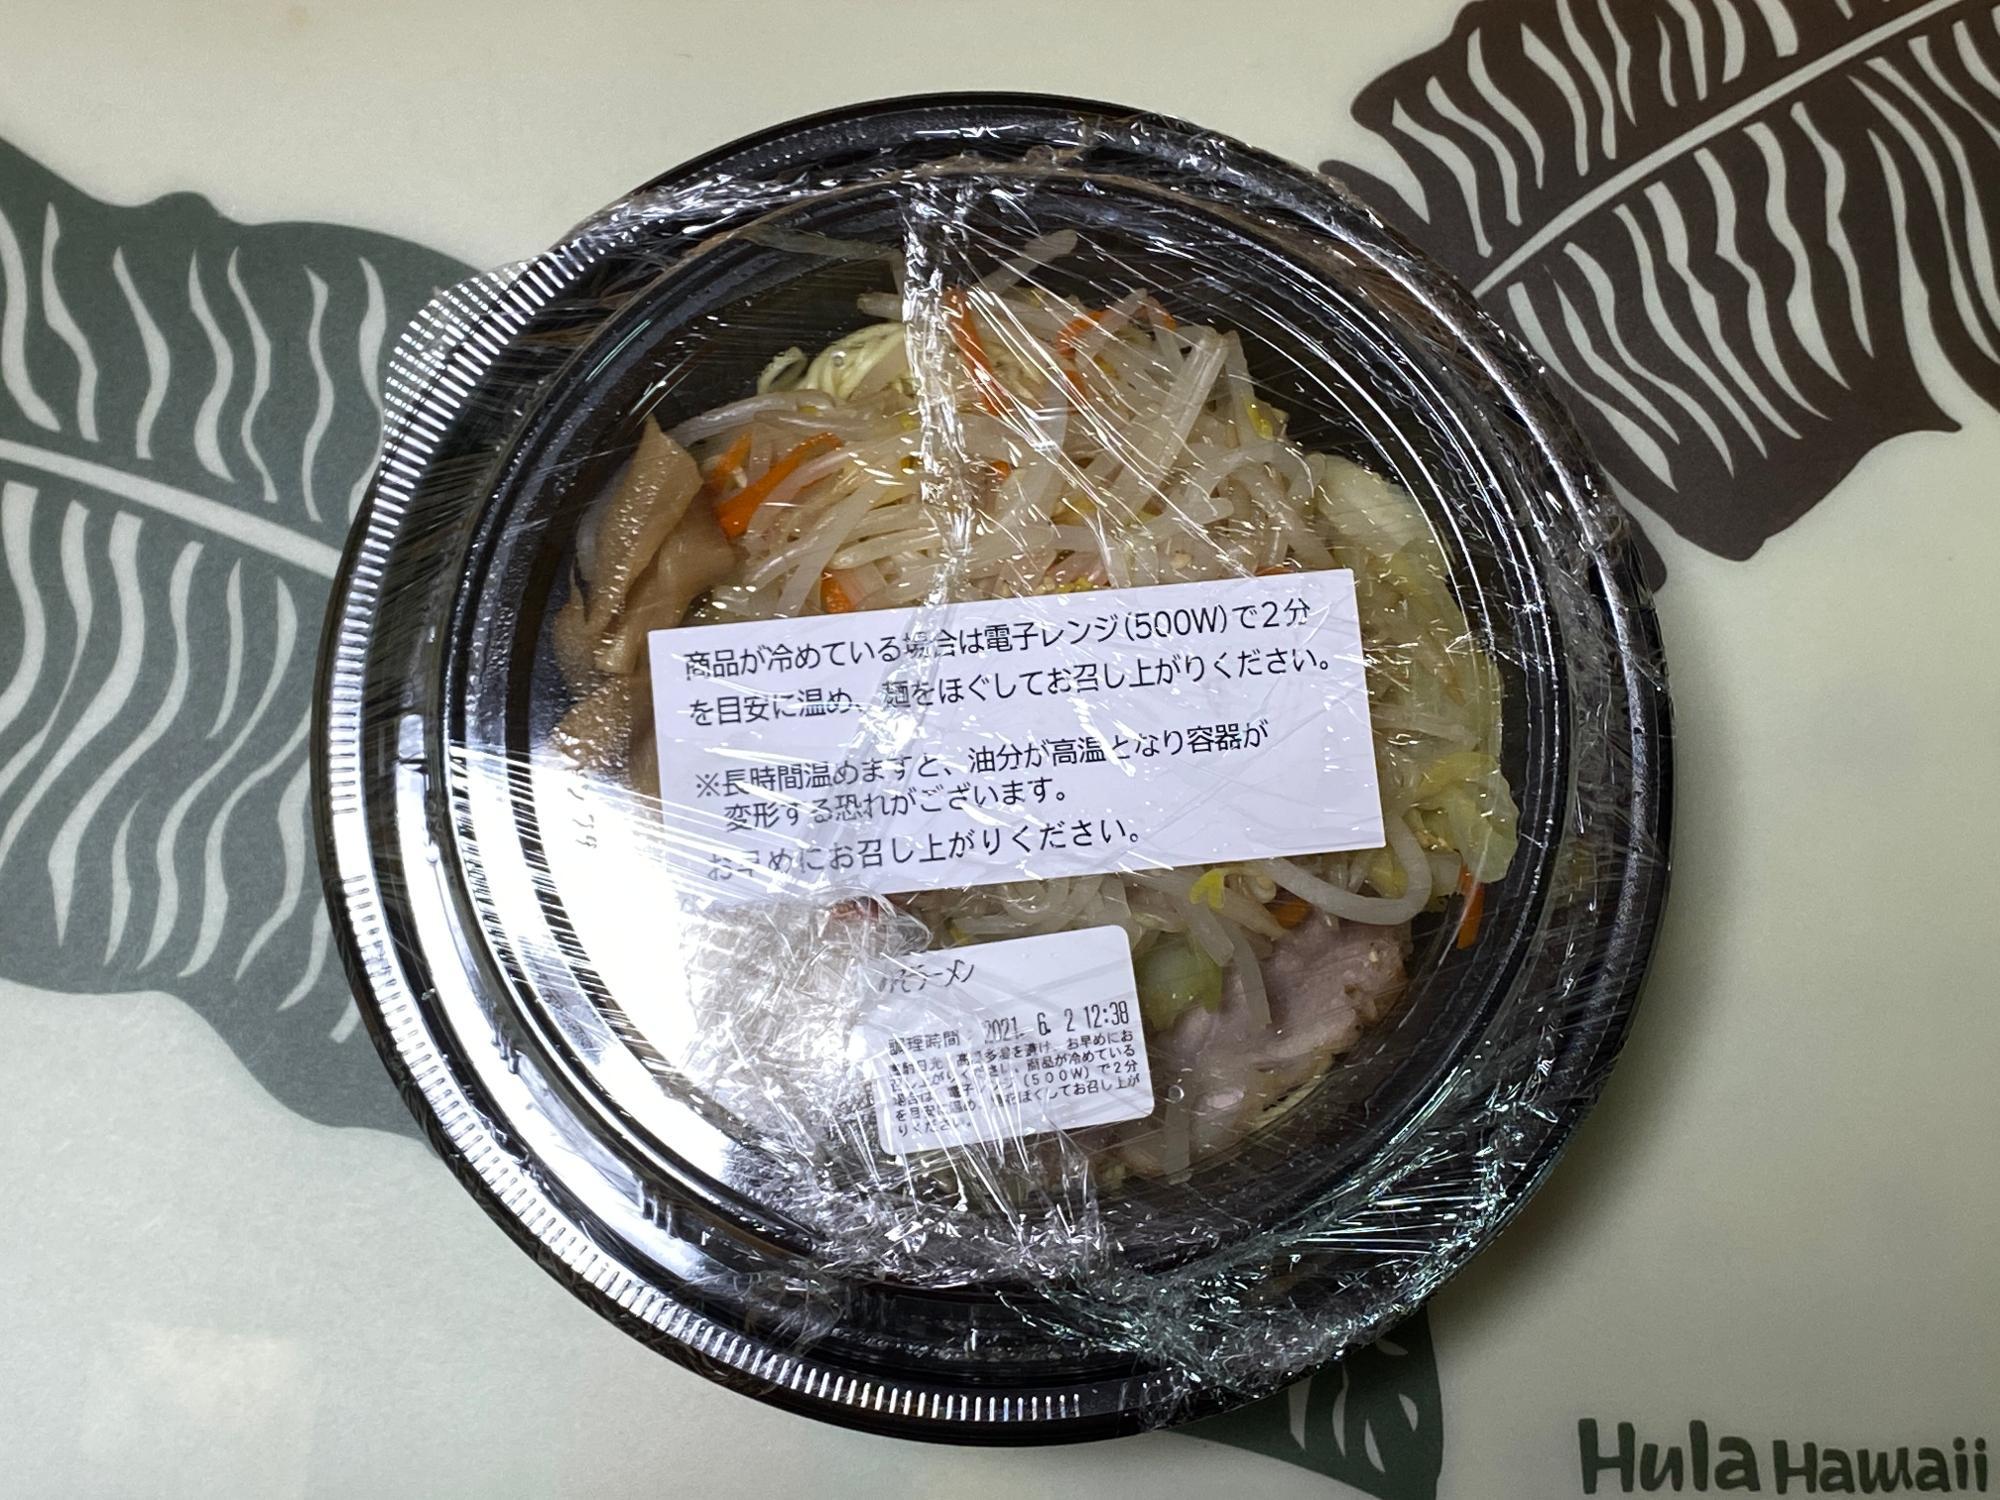 コンビニラーメンのように、麺と具部分と、スープがセパレートされている。電子レンジで少し温めるとよりおいしい